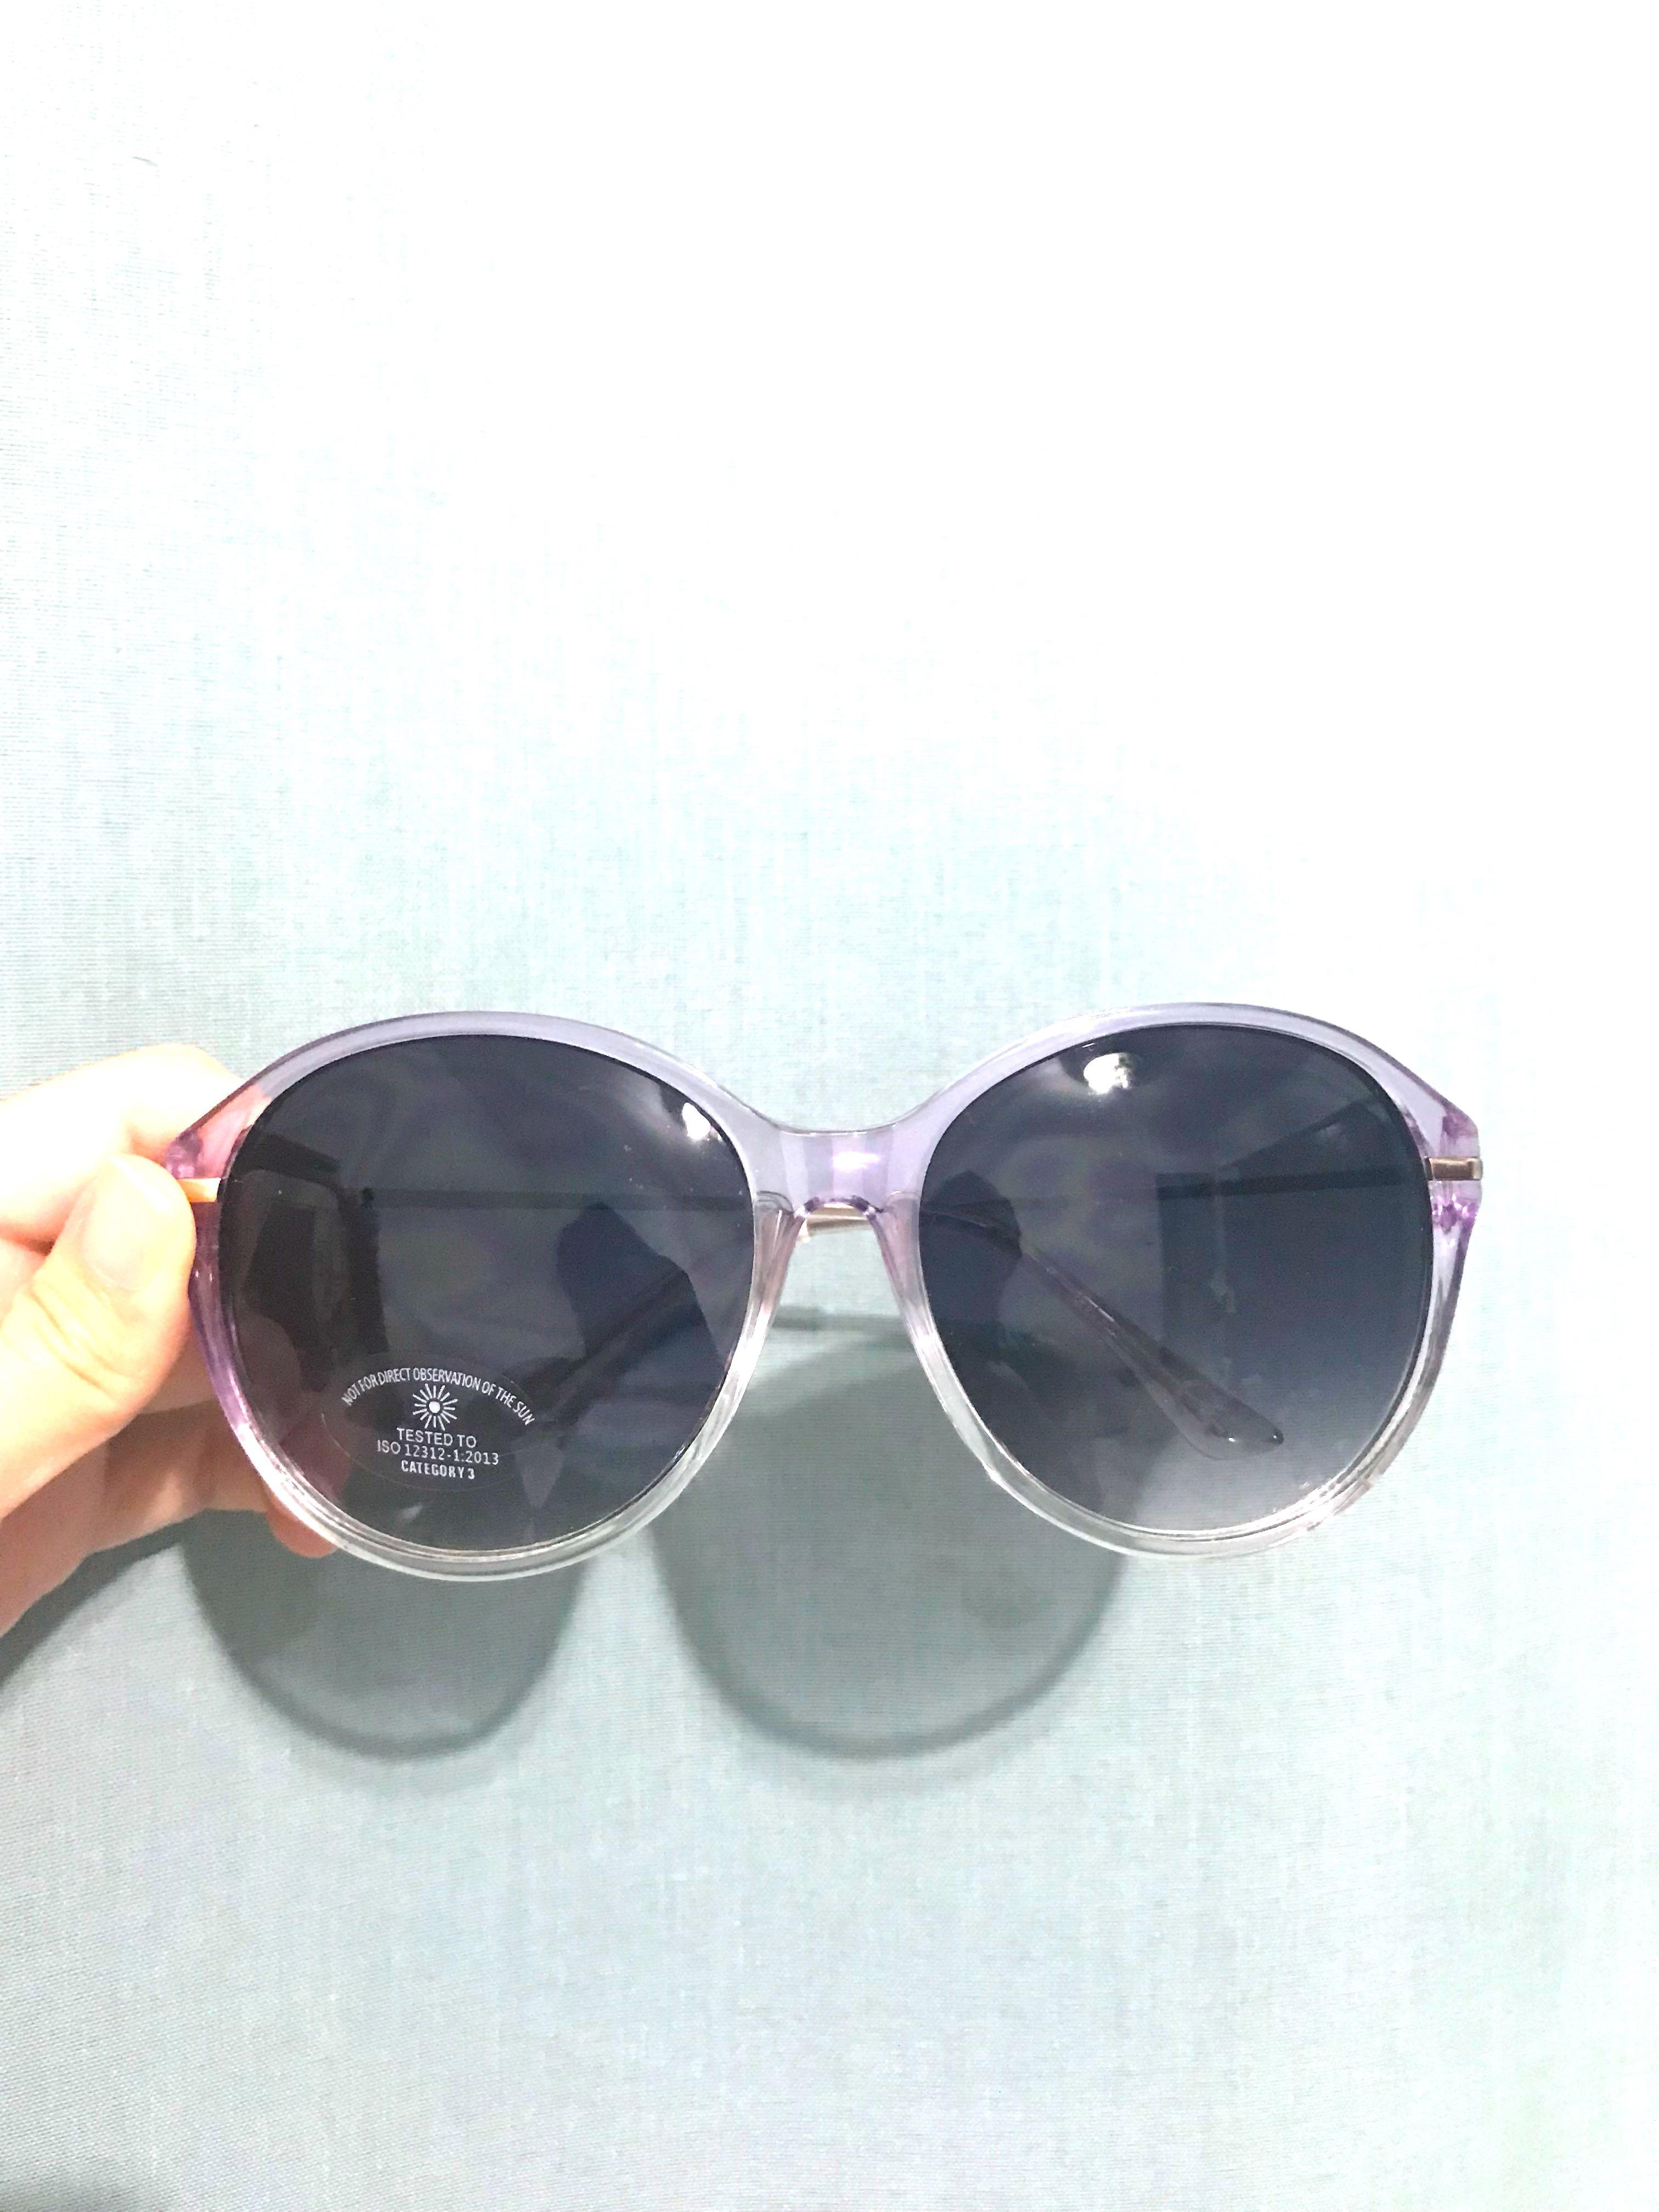 04e8956446 Aldo sunglasses